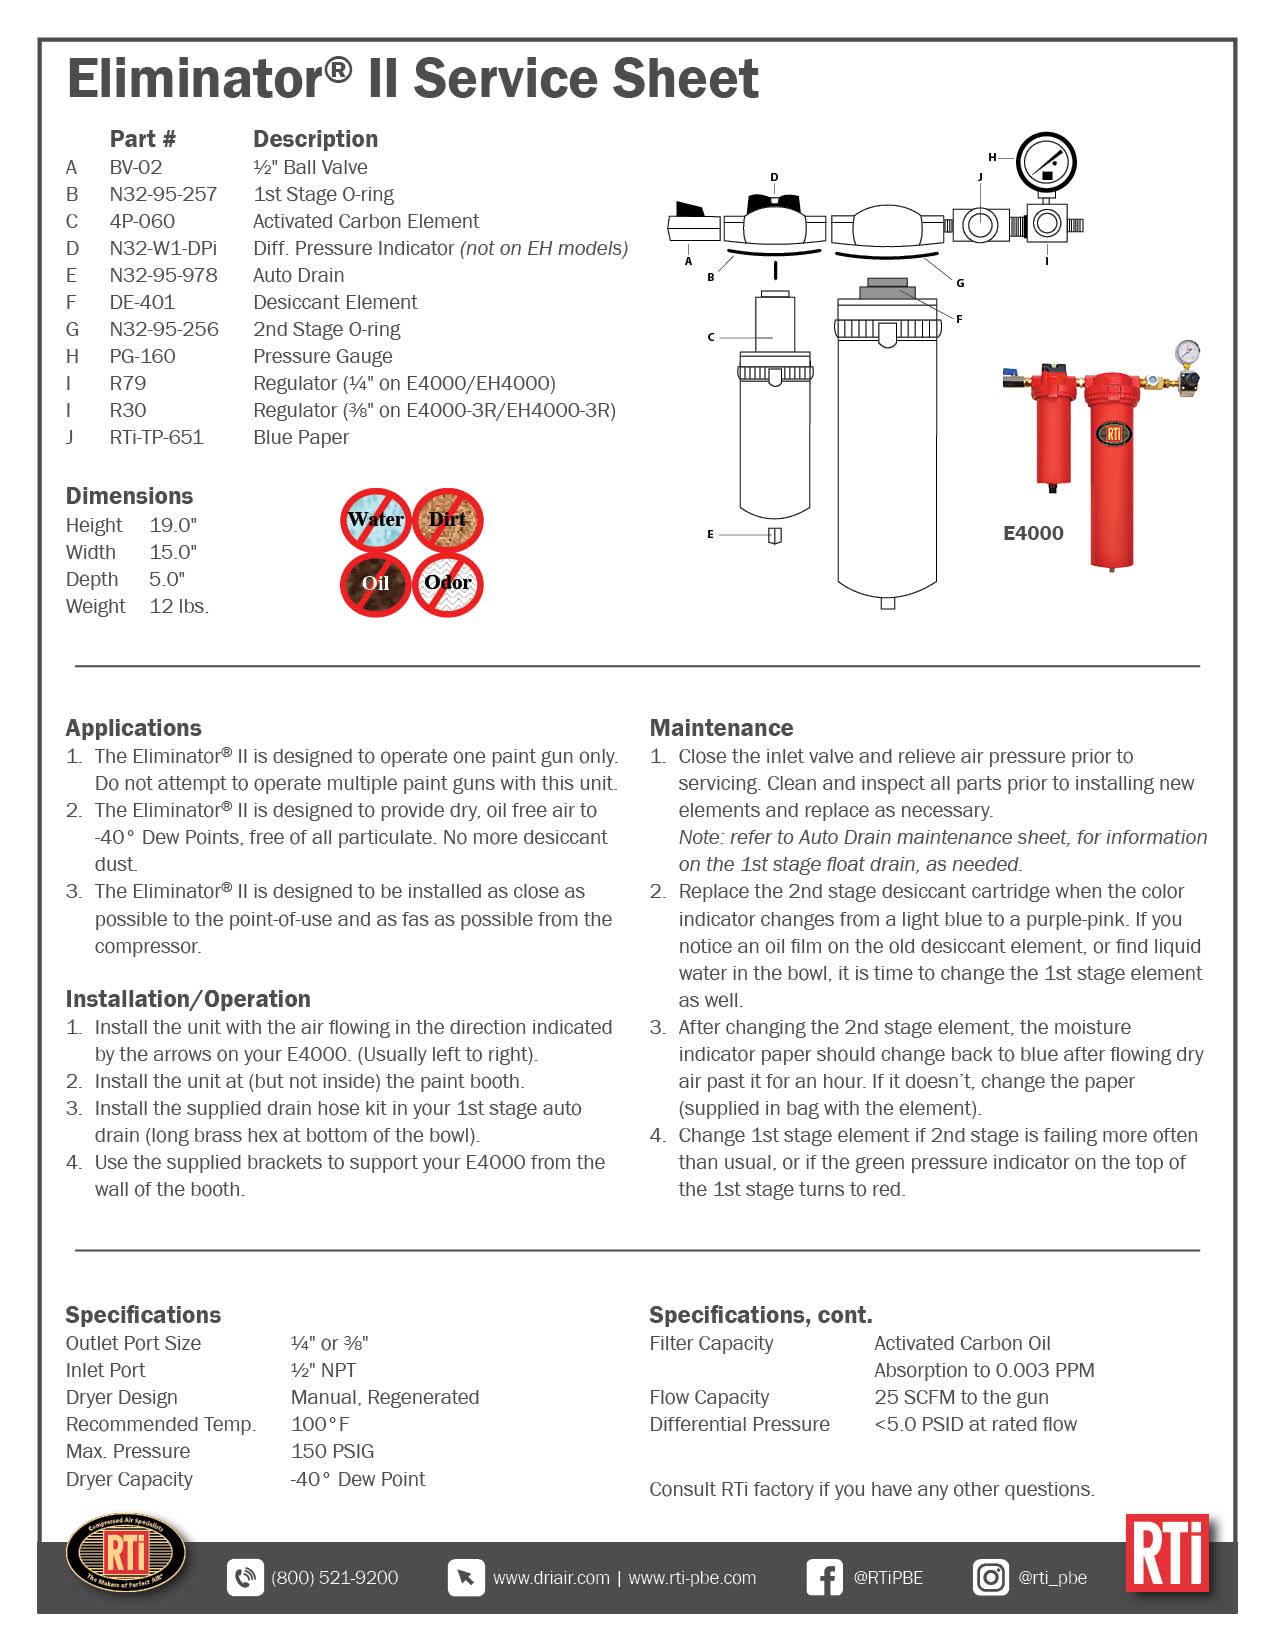 Eliminator II Service Sheet